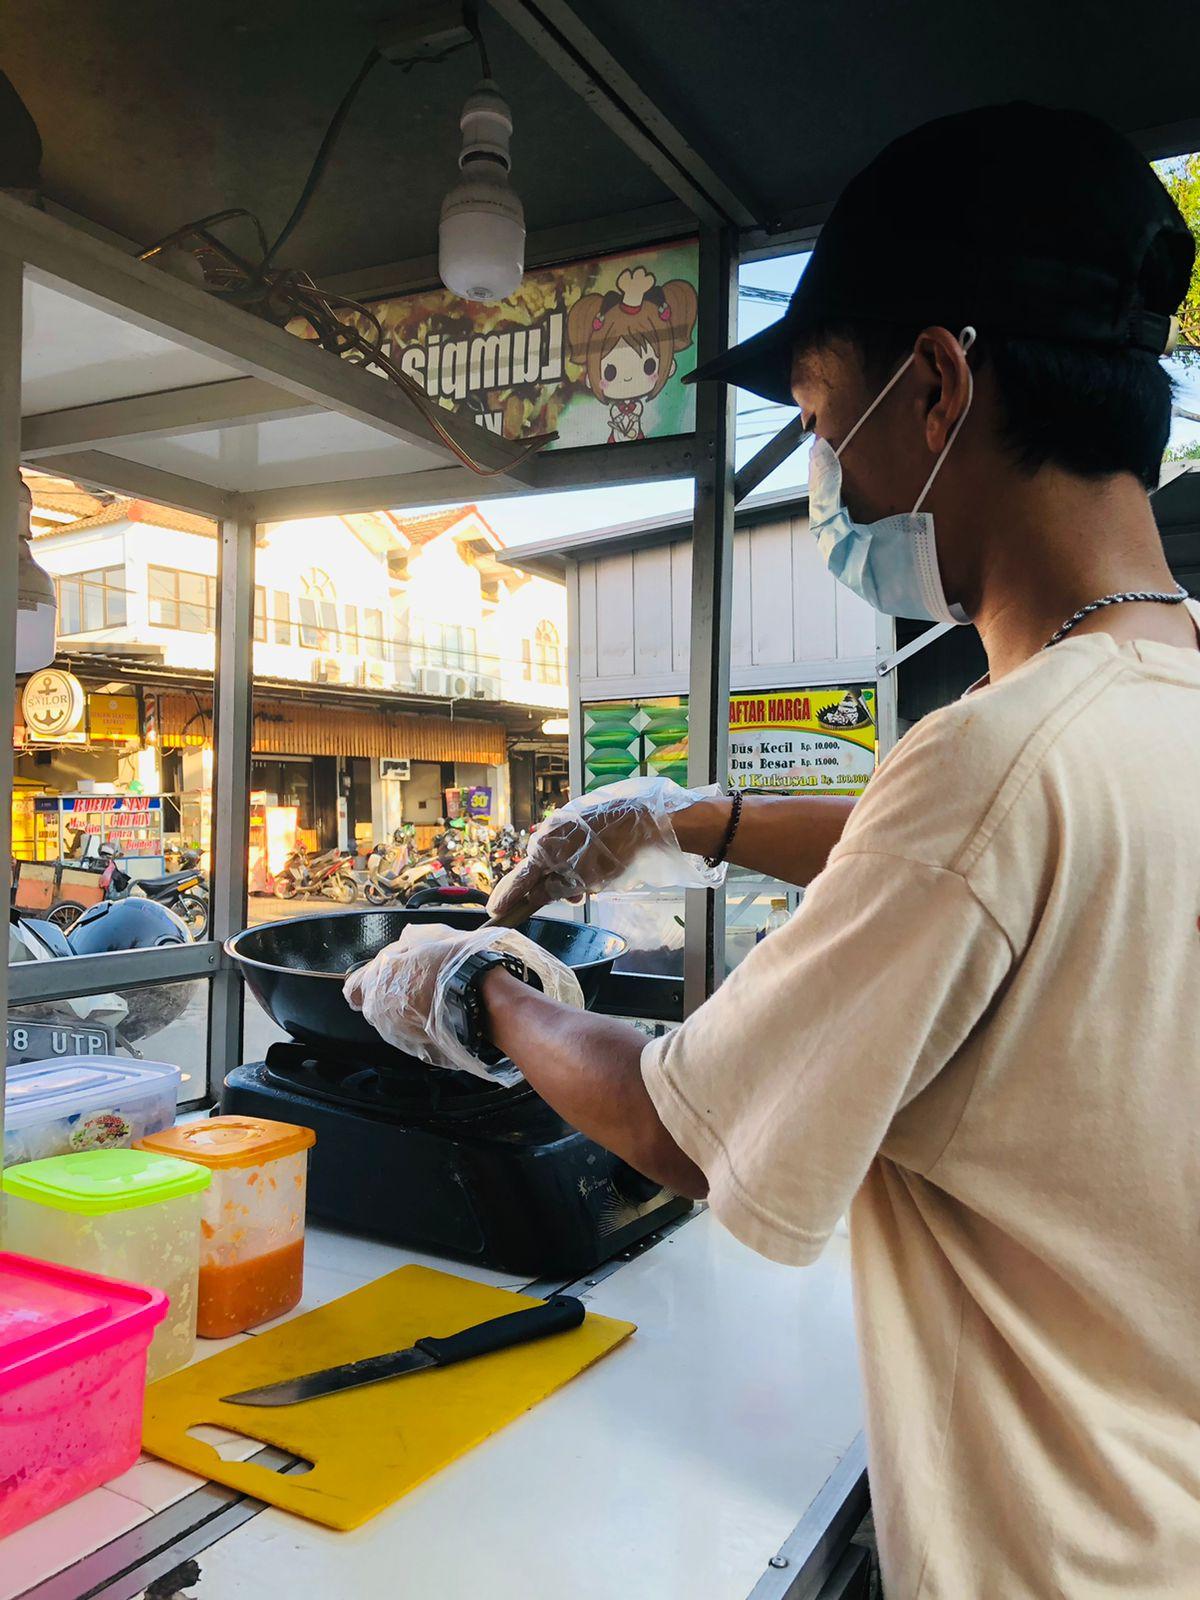 Lumpia Basah Khas Kota Tangerang yang berlokasi di Jalan Poris Indah Jaya, Kecamatan Batu Ceper, Kota Tangerang tepatnya di depan Gang Blok Ambon, Kamis 16 September 2021.